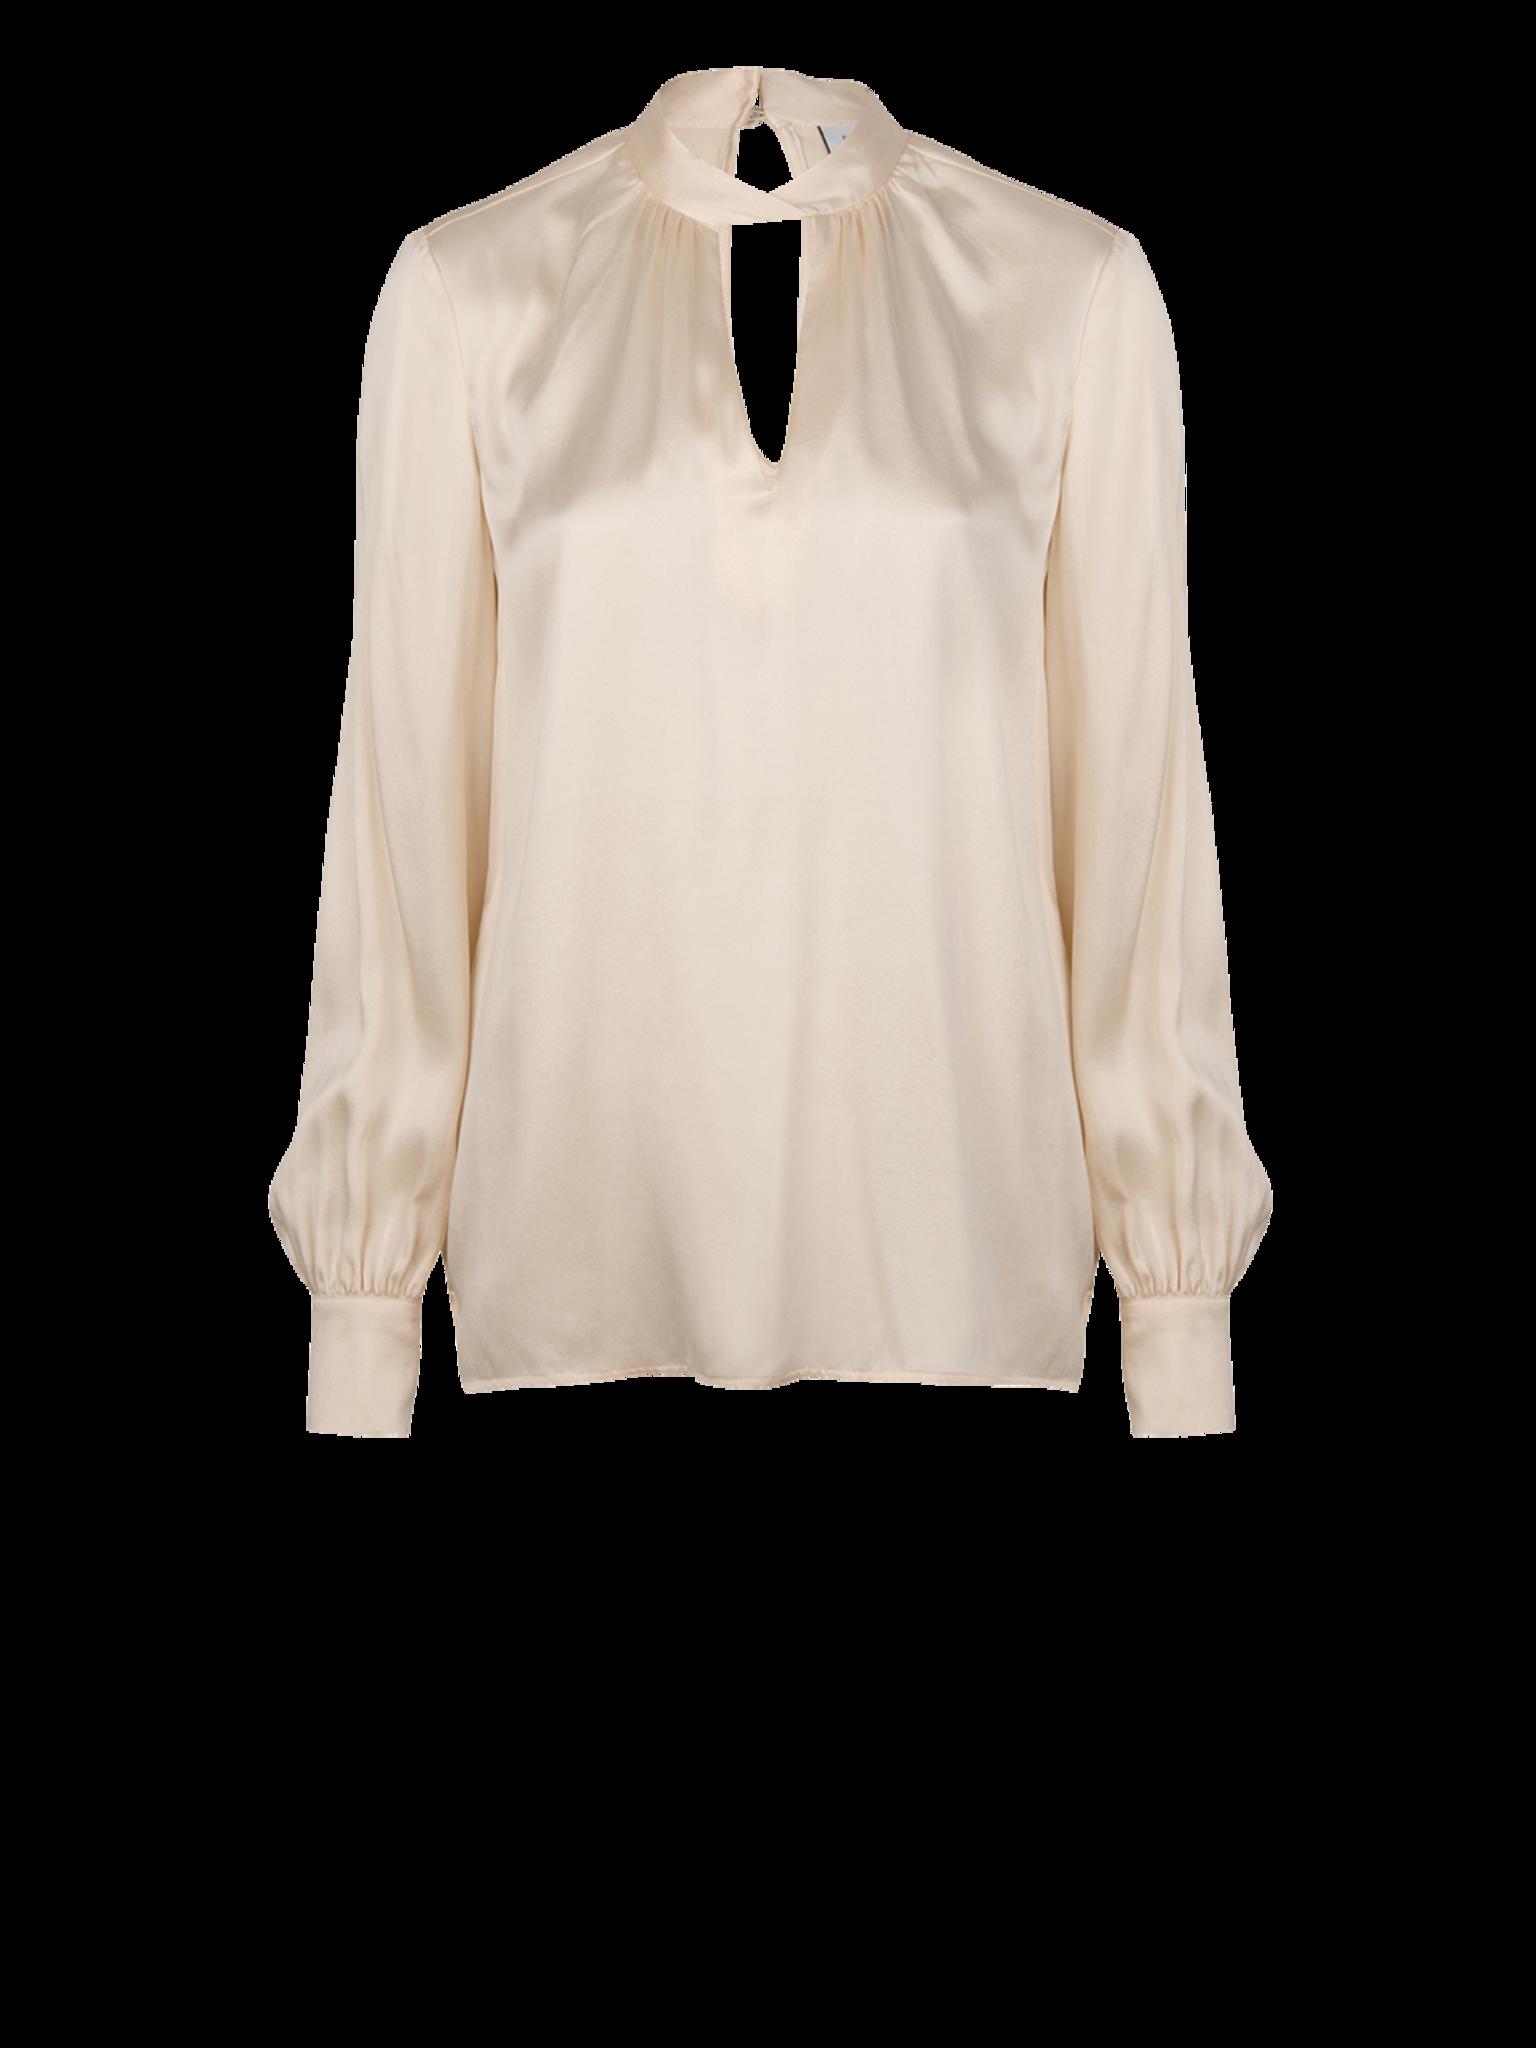 Dante 6 Shirts 211116 IZELLA-1